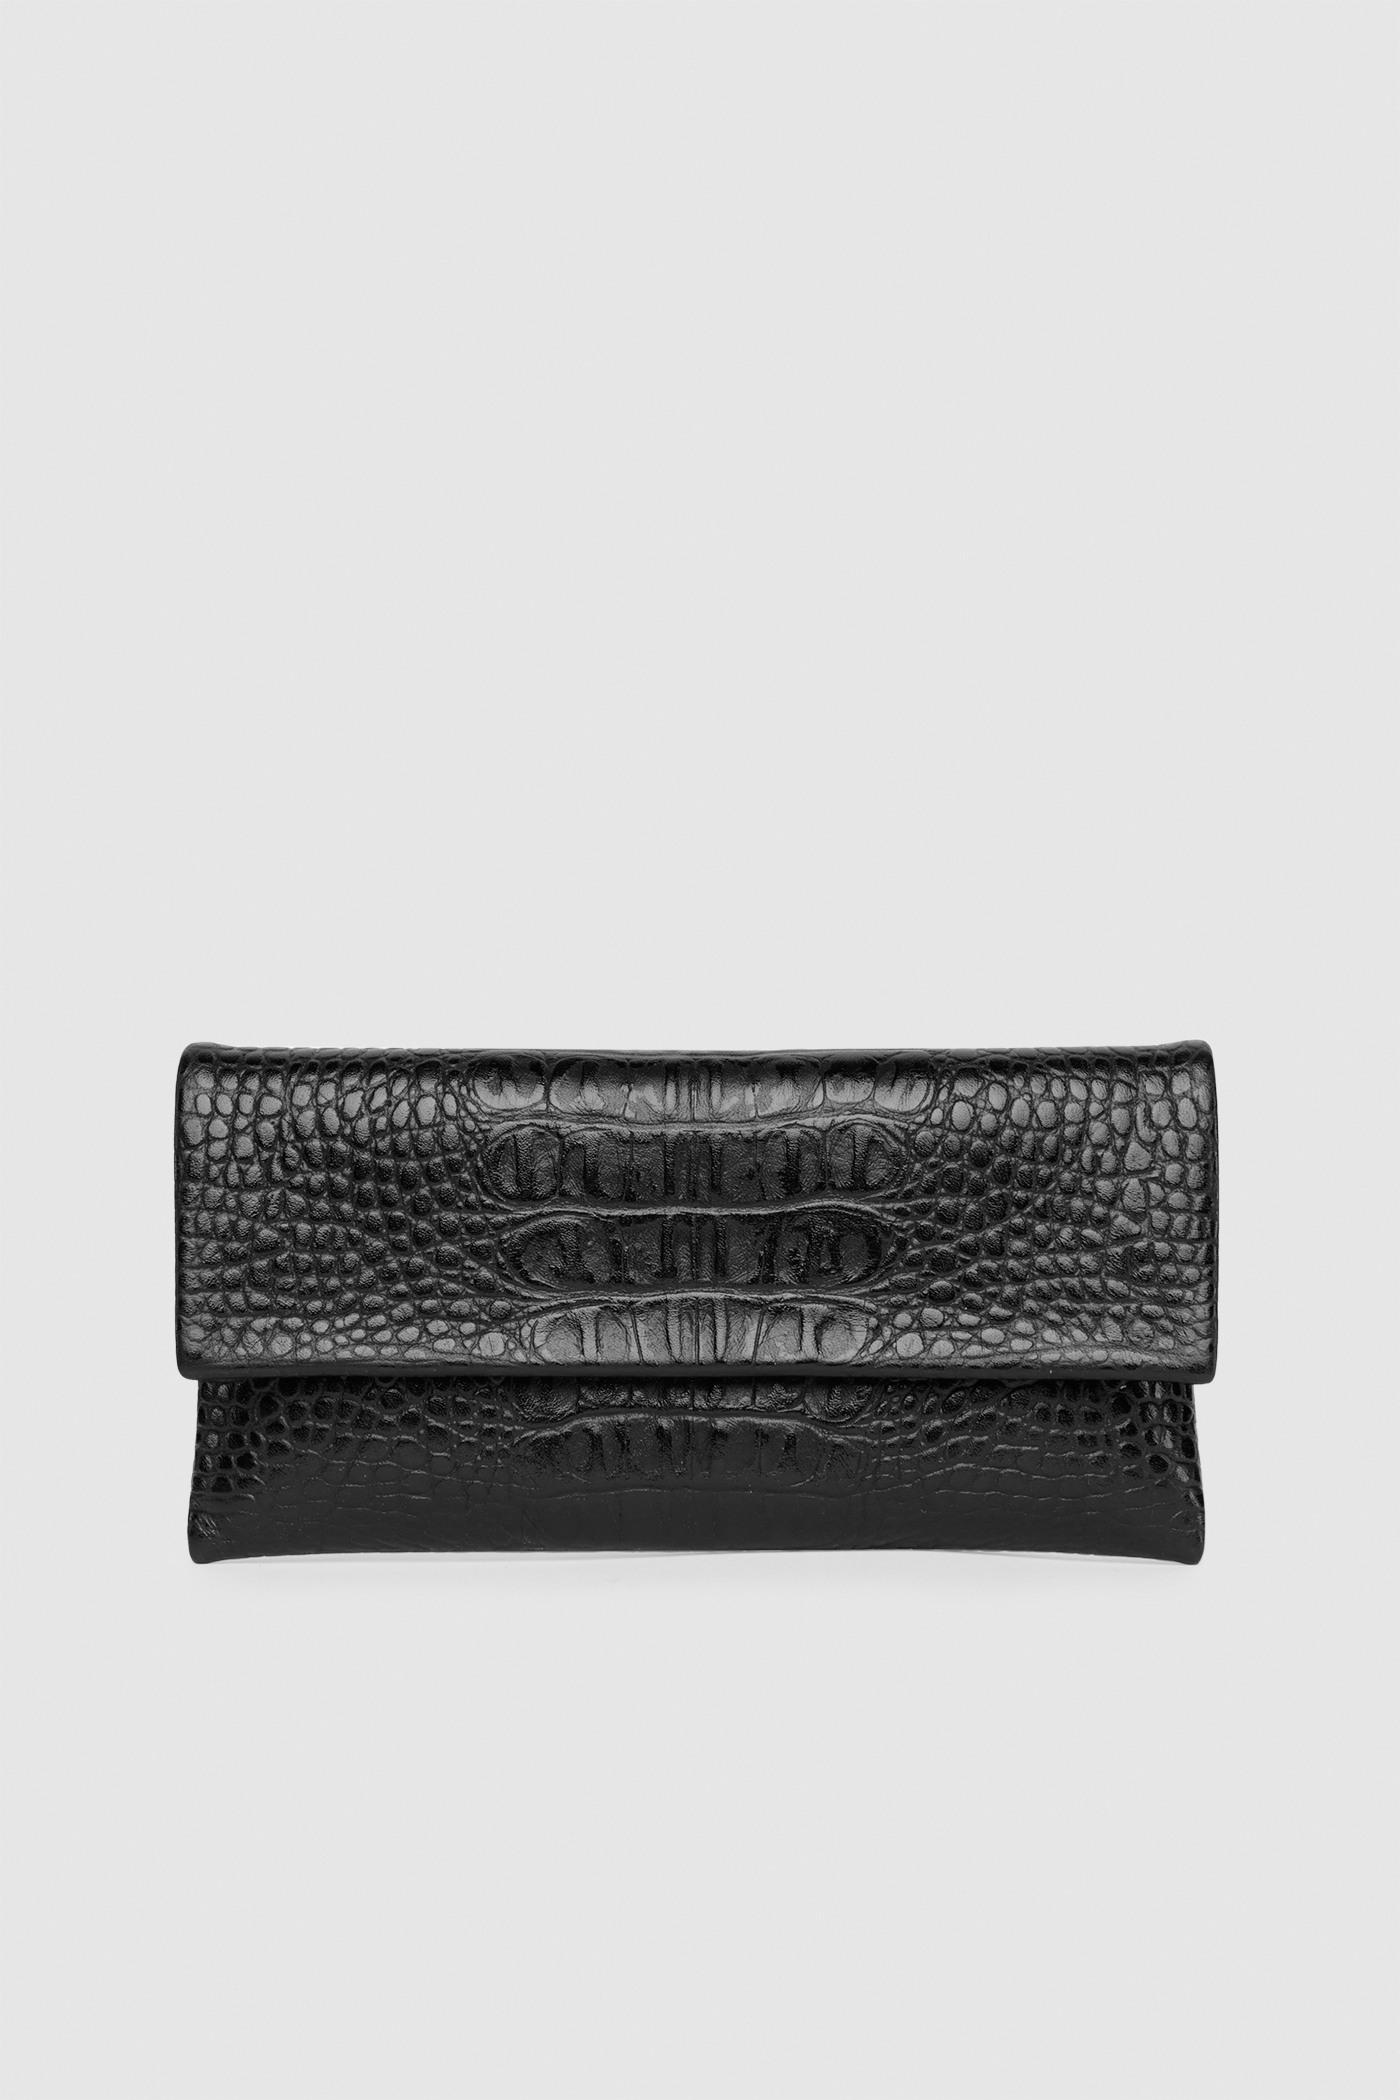 Клатч-кошелек в размере S или MКлатч из тесненной кожи застегивается на потайные замки-магниты. Внутреннее отделение на подкладке с разделенным карманом. С одной стороны расположен маленький карман, а с другой — карман для пластиковых карт.&#13;<br>&#13;<br>Размеры:&#13;<br>в размере S: высота 10,5 х20,5 см&#13;<br>в размере M: высота 13,5 х 24 см<br><br>Цвет: Чёрный крокодил, Коричневый крокодил<br>Размер: S, M